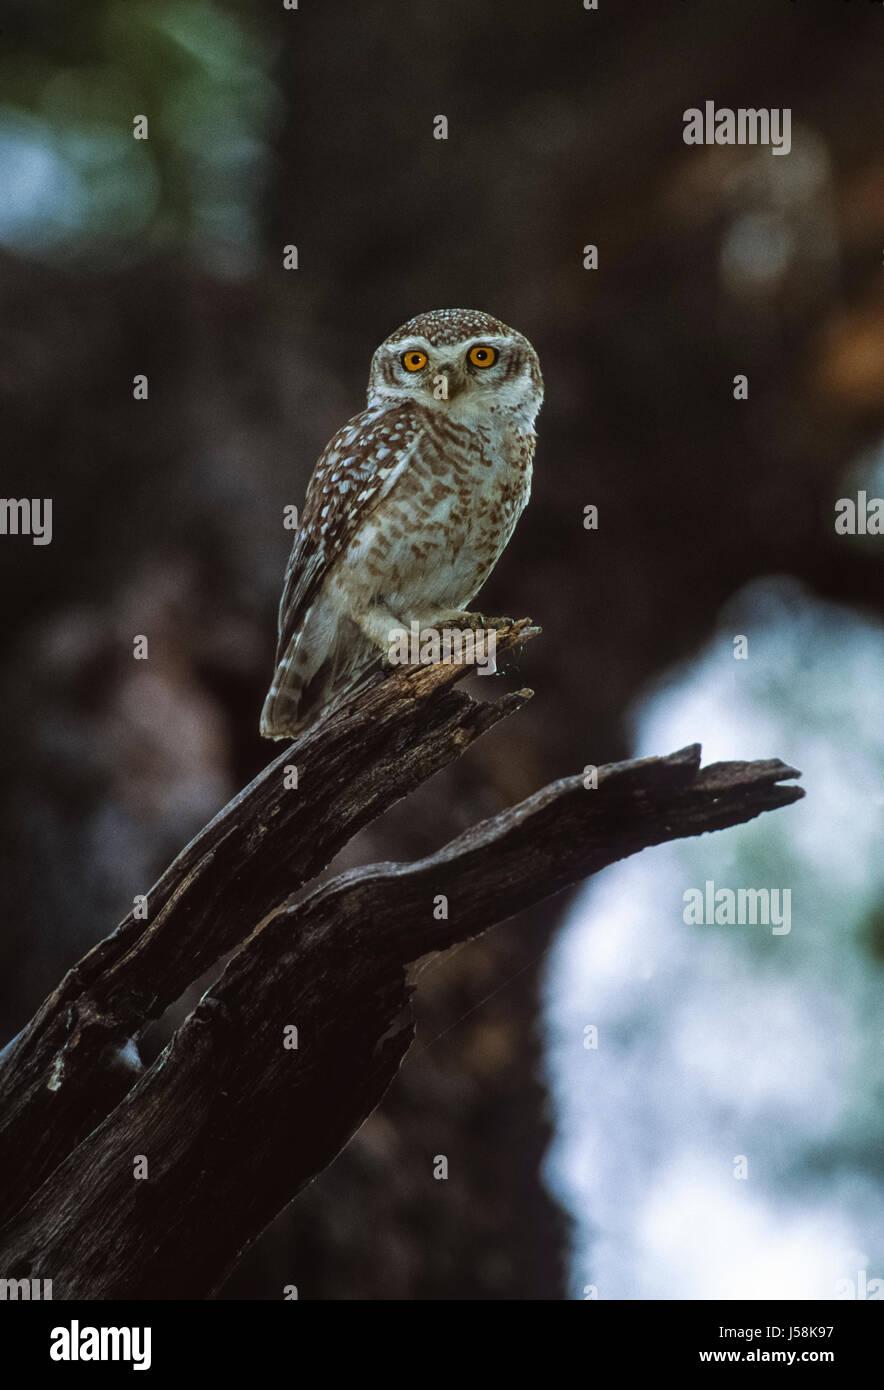 Spotted Owlet, Athene brama, Keoladeo Ghana National Park, Bharatpur, Rajasthan, India - Stock Image